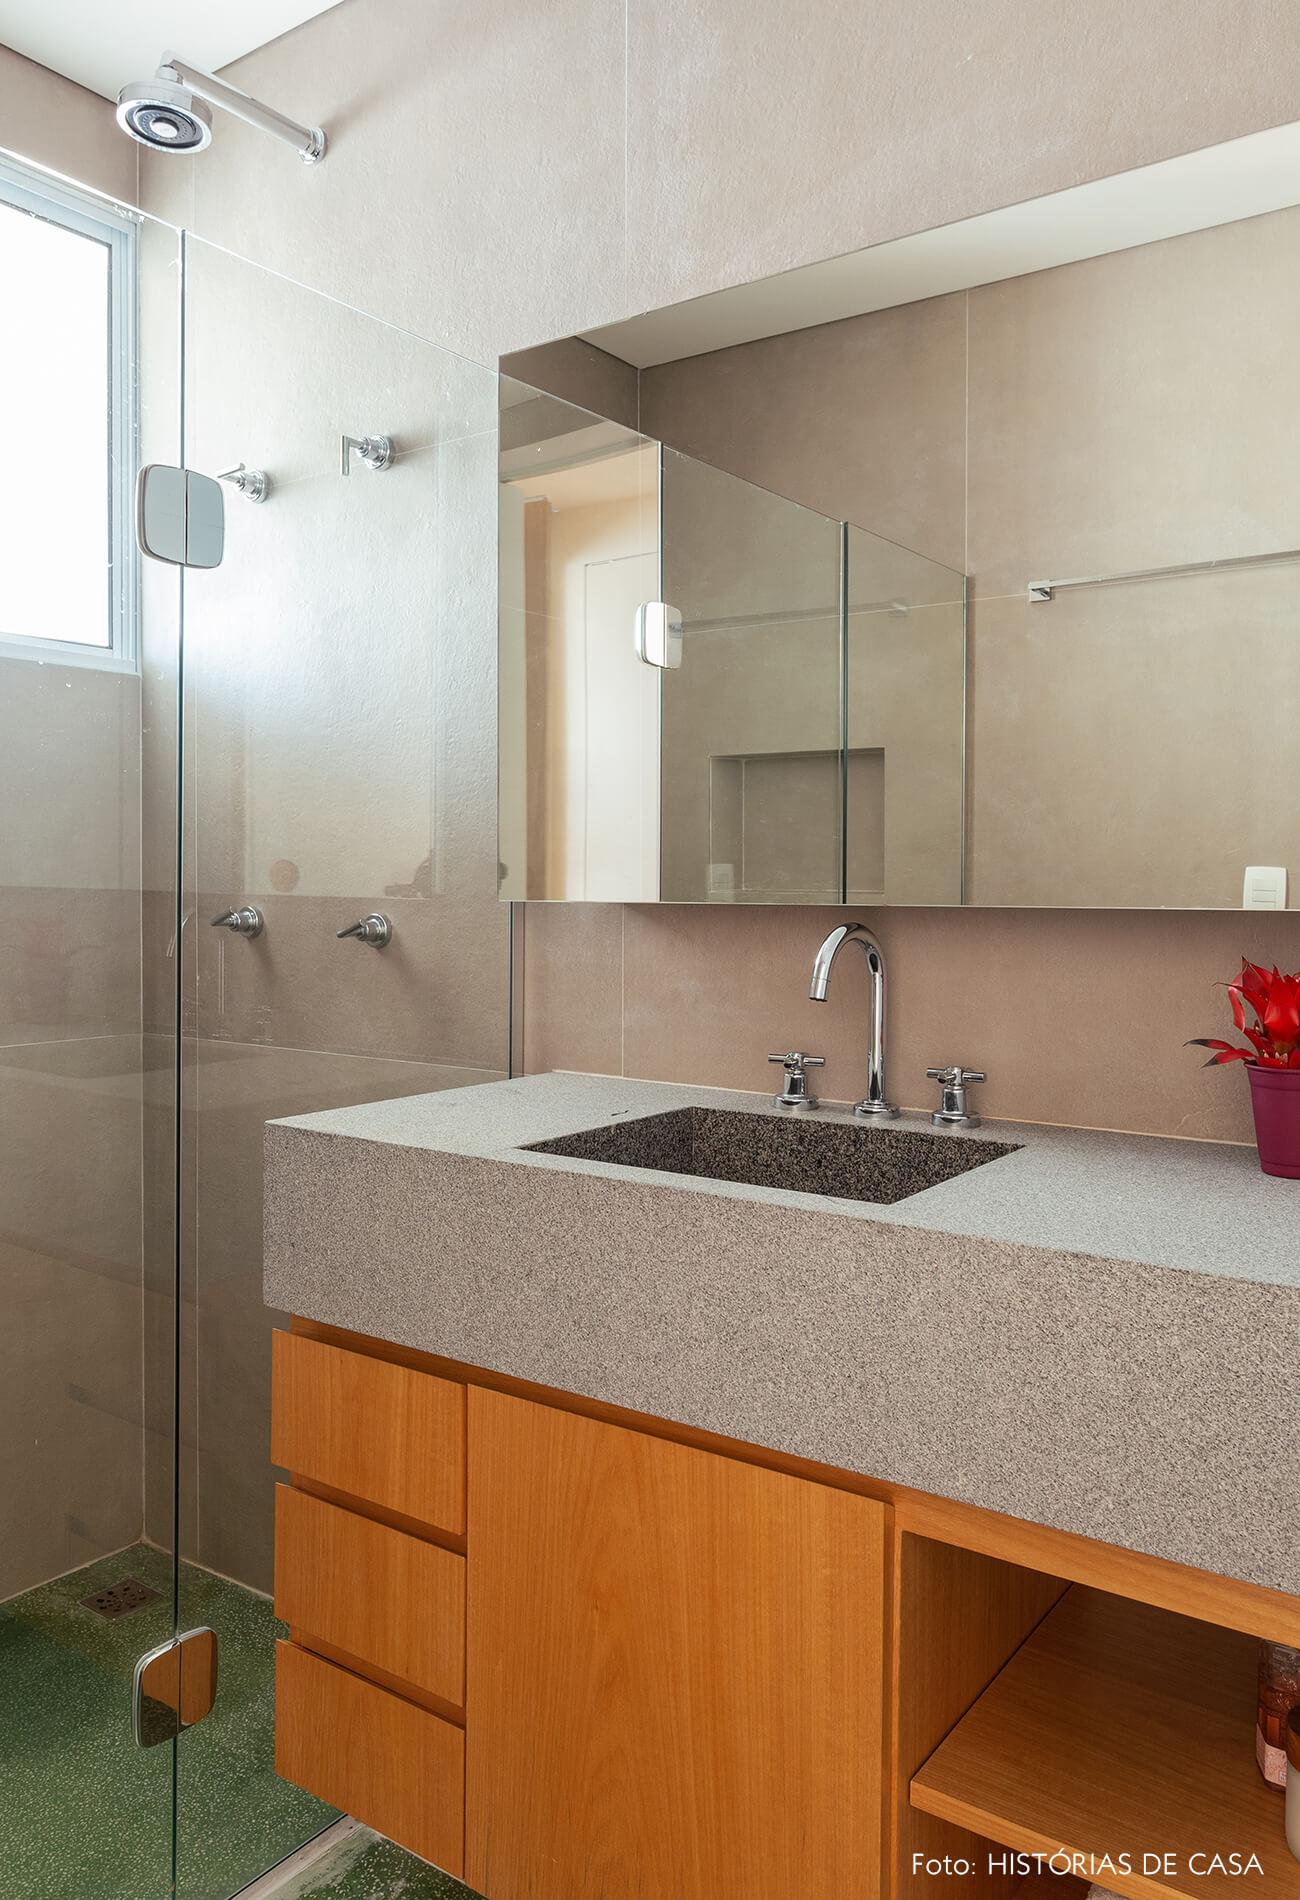 Banheiro com porcelanato na parede e bancada de granito rústico